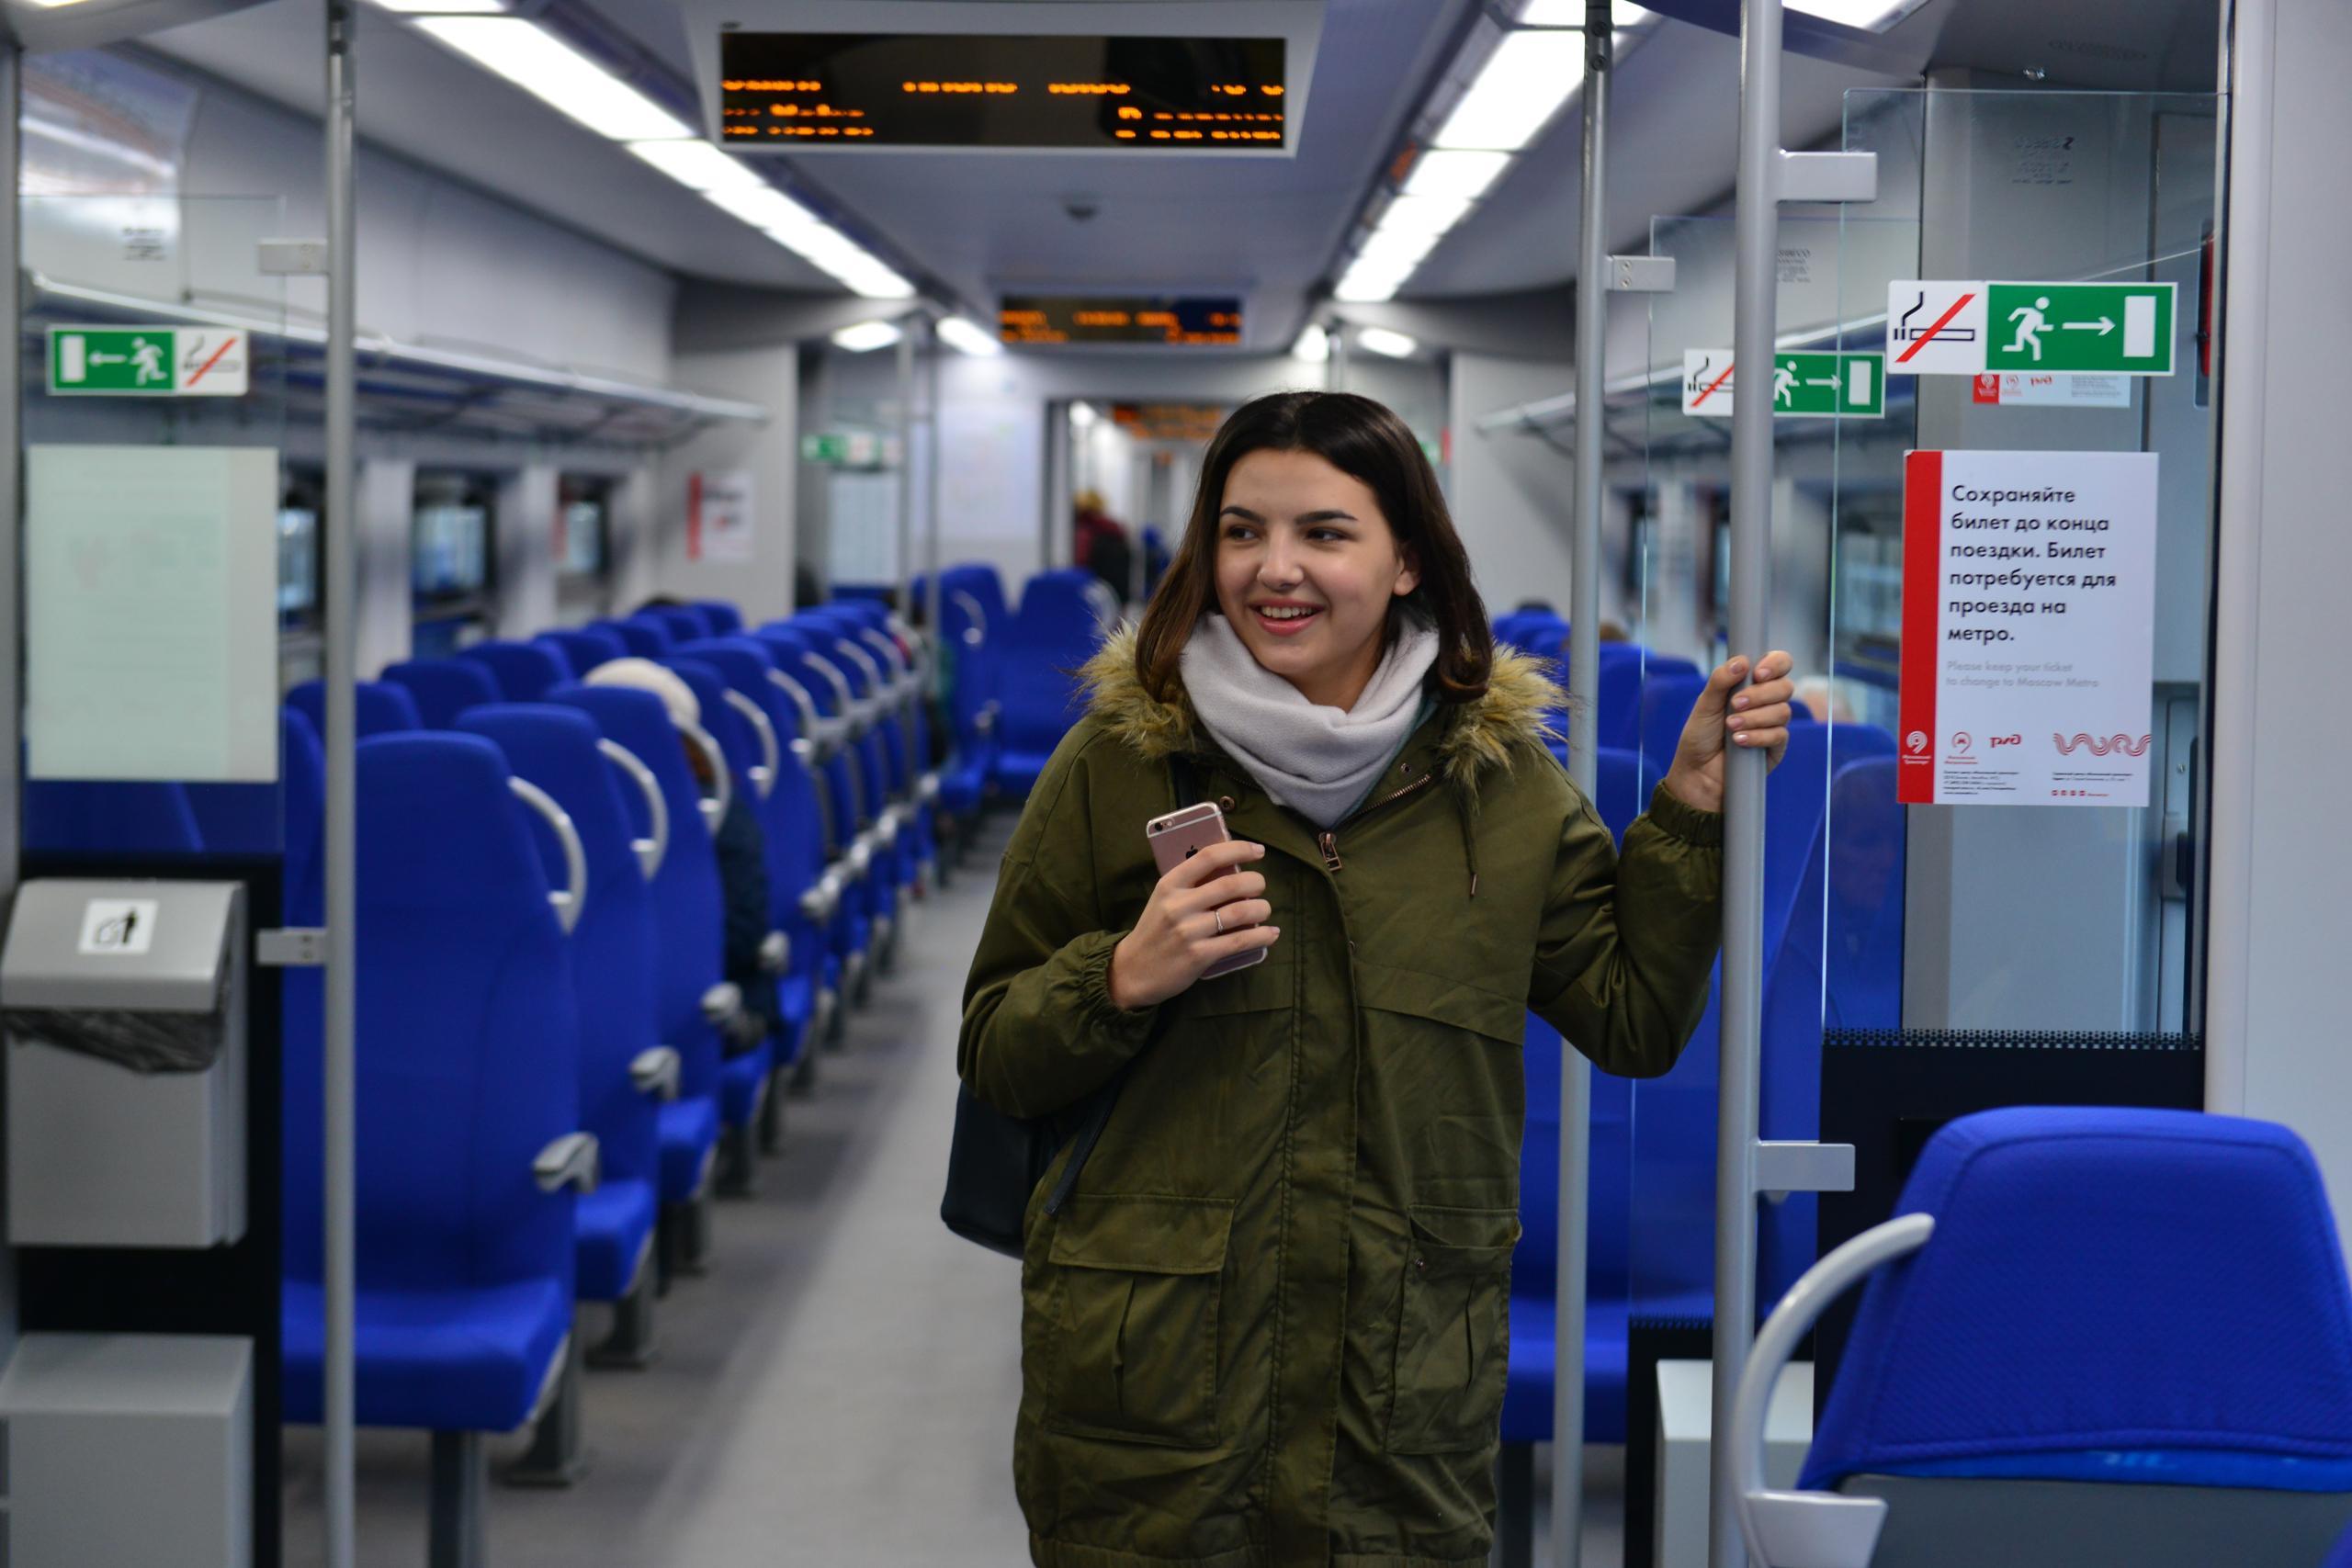 Роспотребнадзор не выявил коронавирус в метро и МЦК